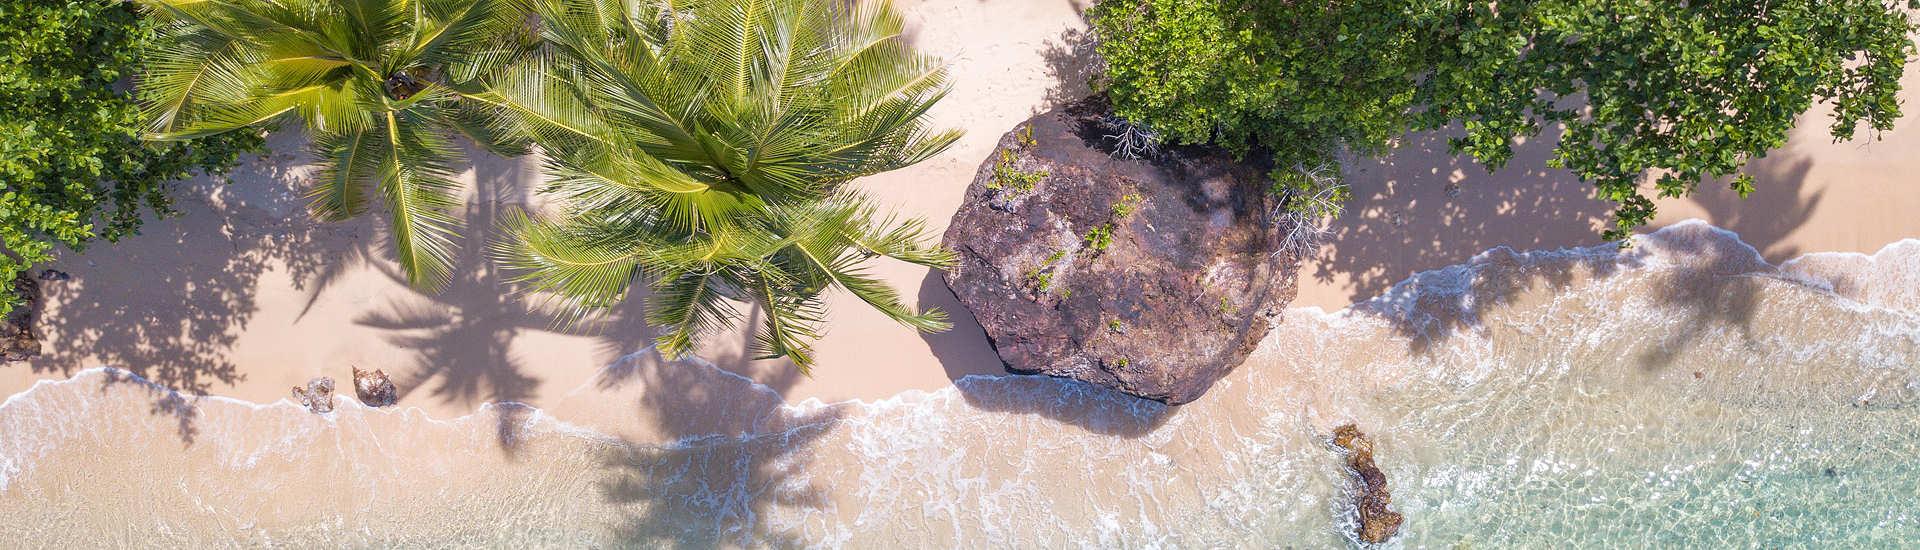 strand-tauchgebiet-sulawesi-00